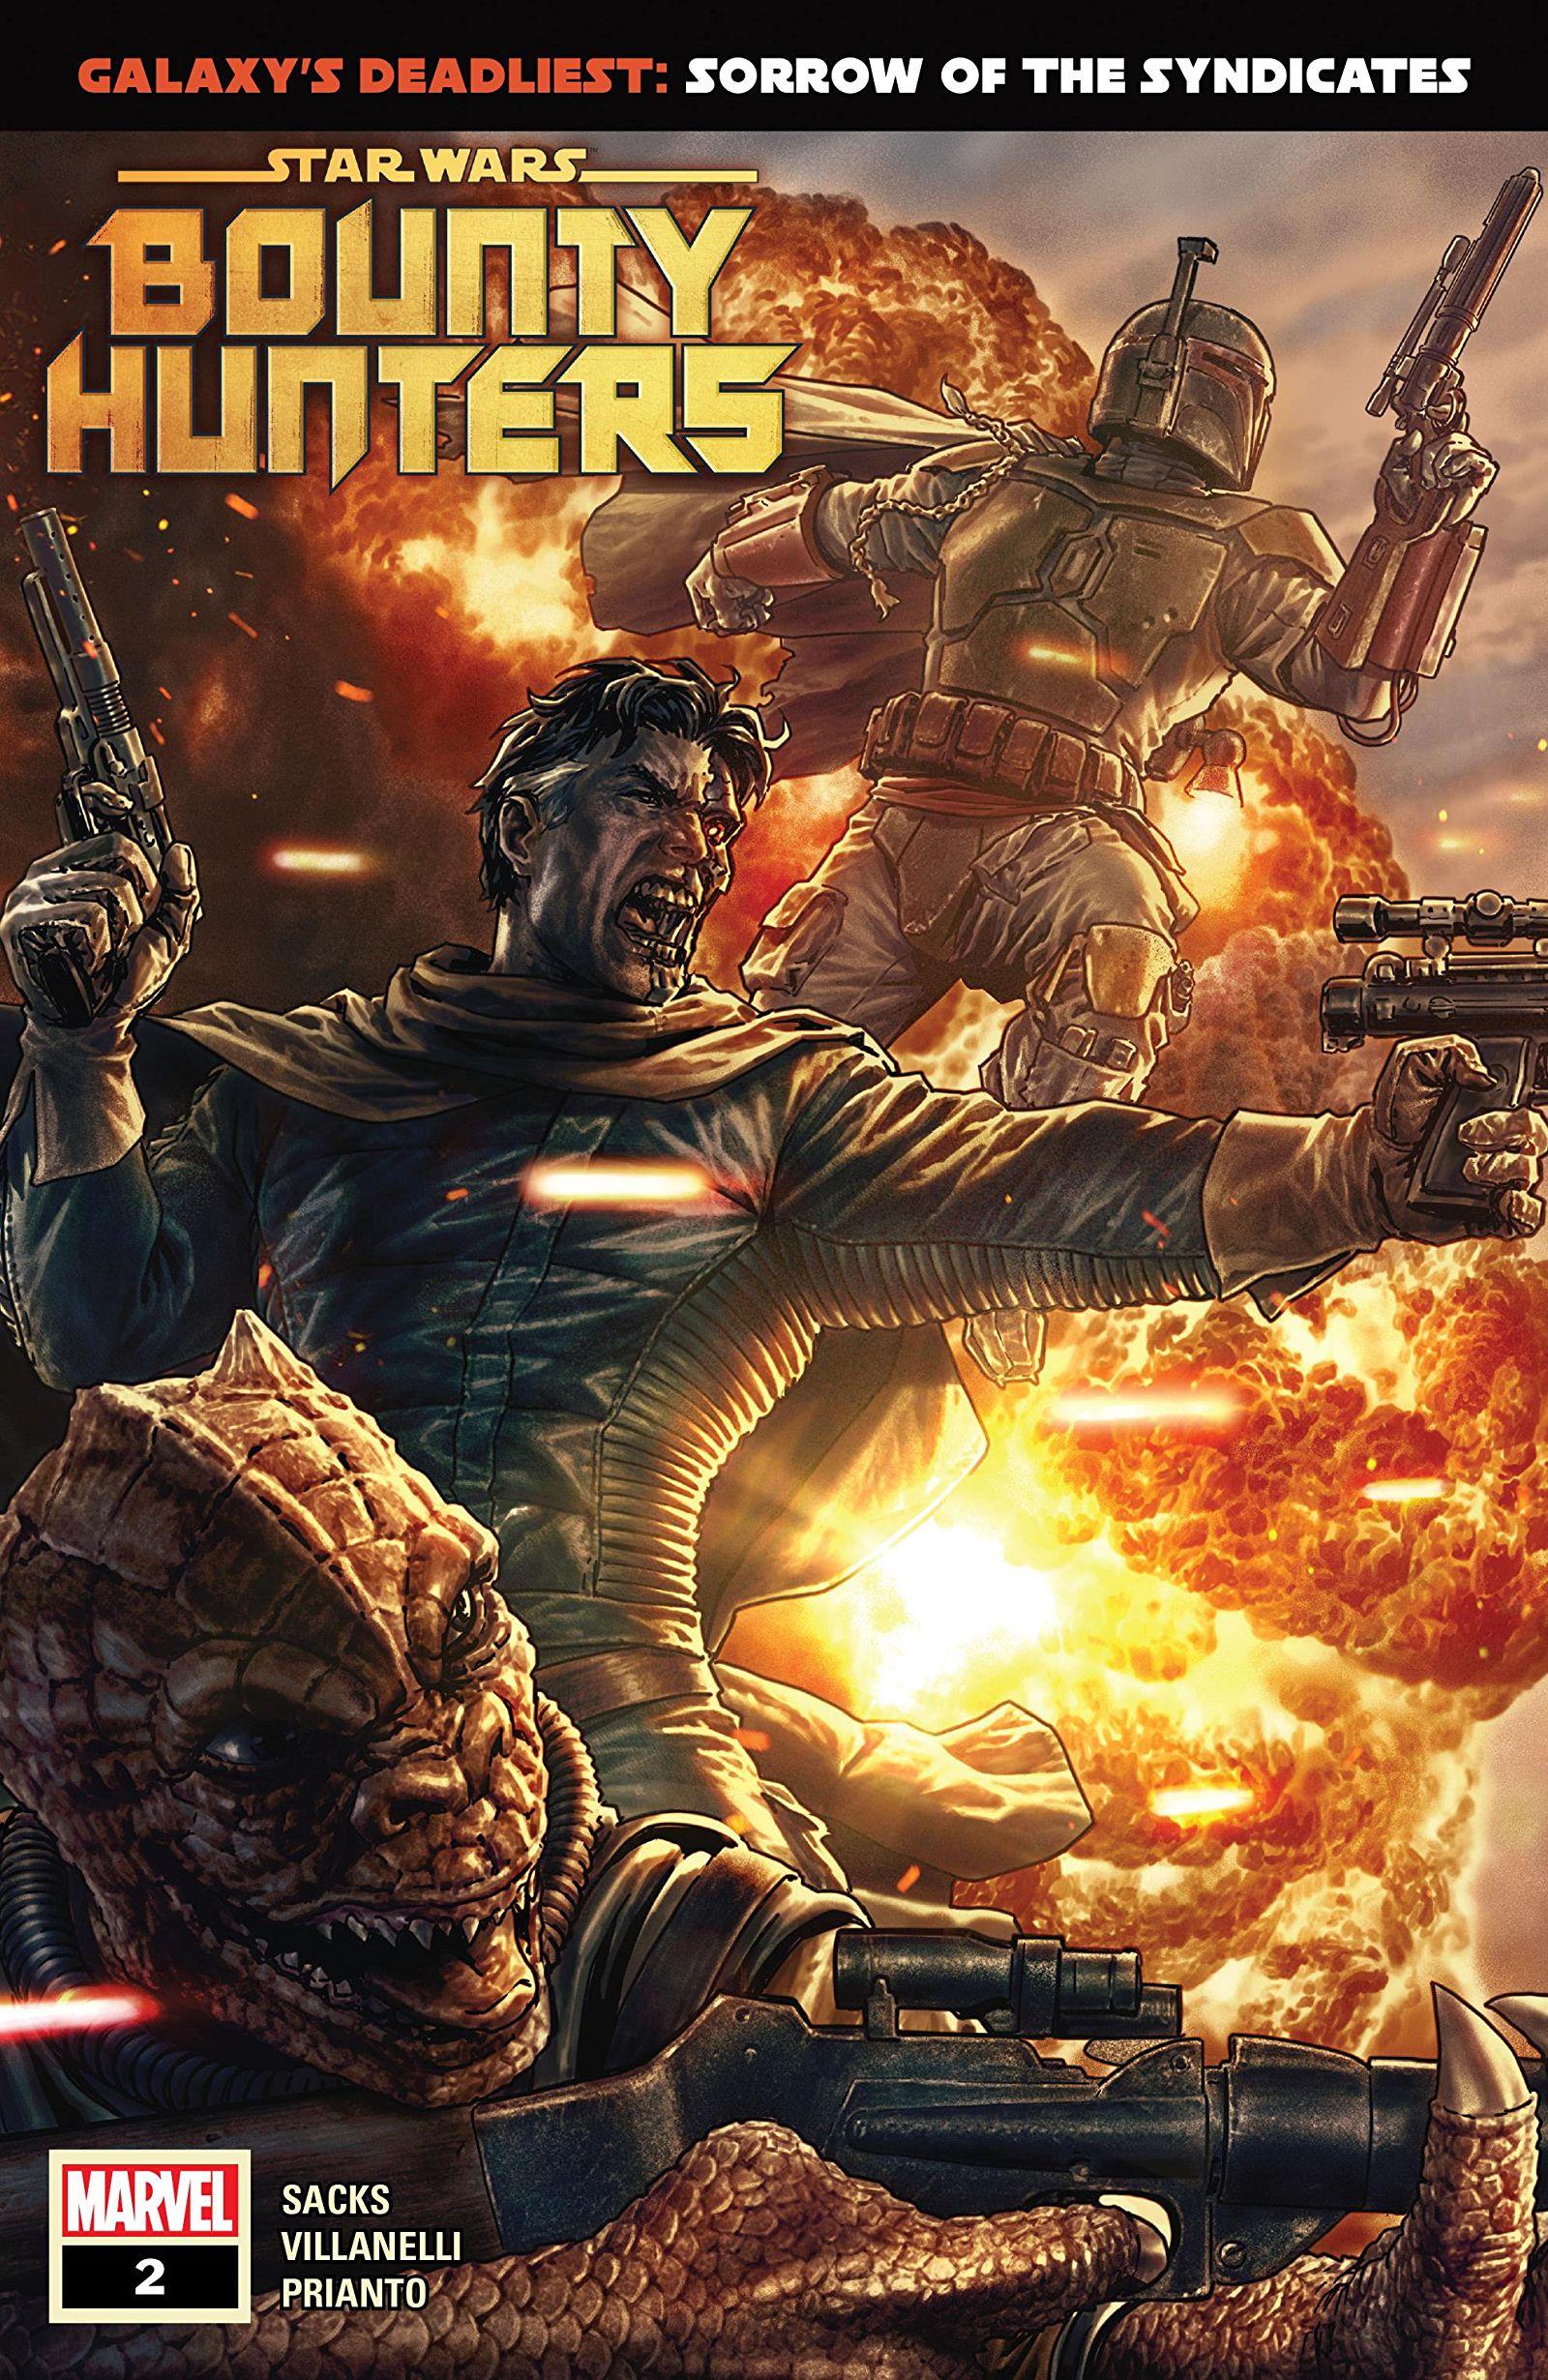 Star Wars: Bounty Hunters Vol 1 2